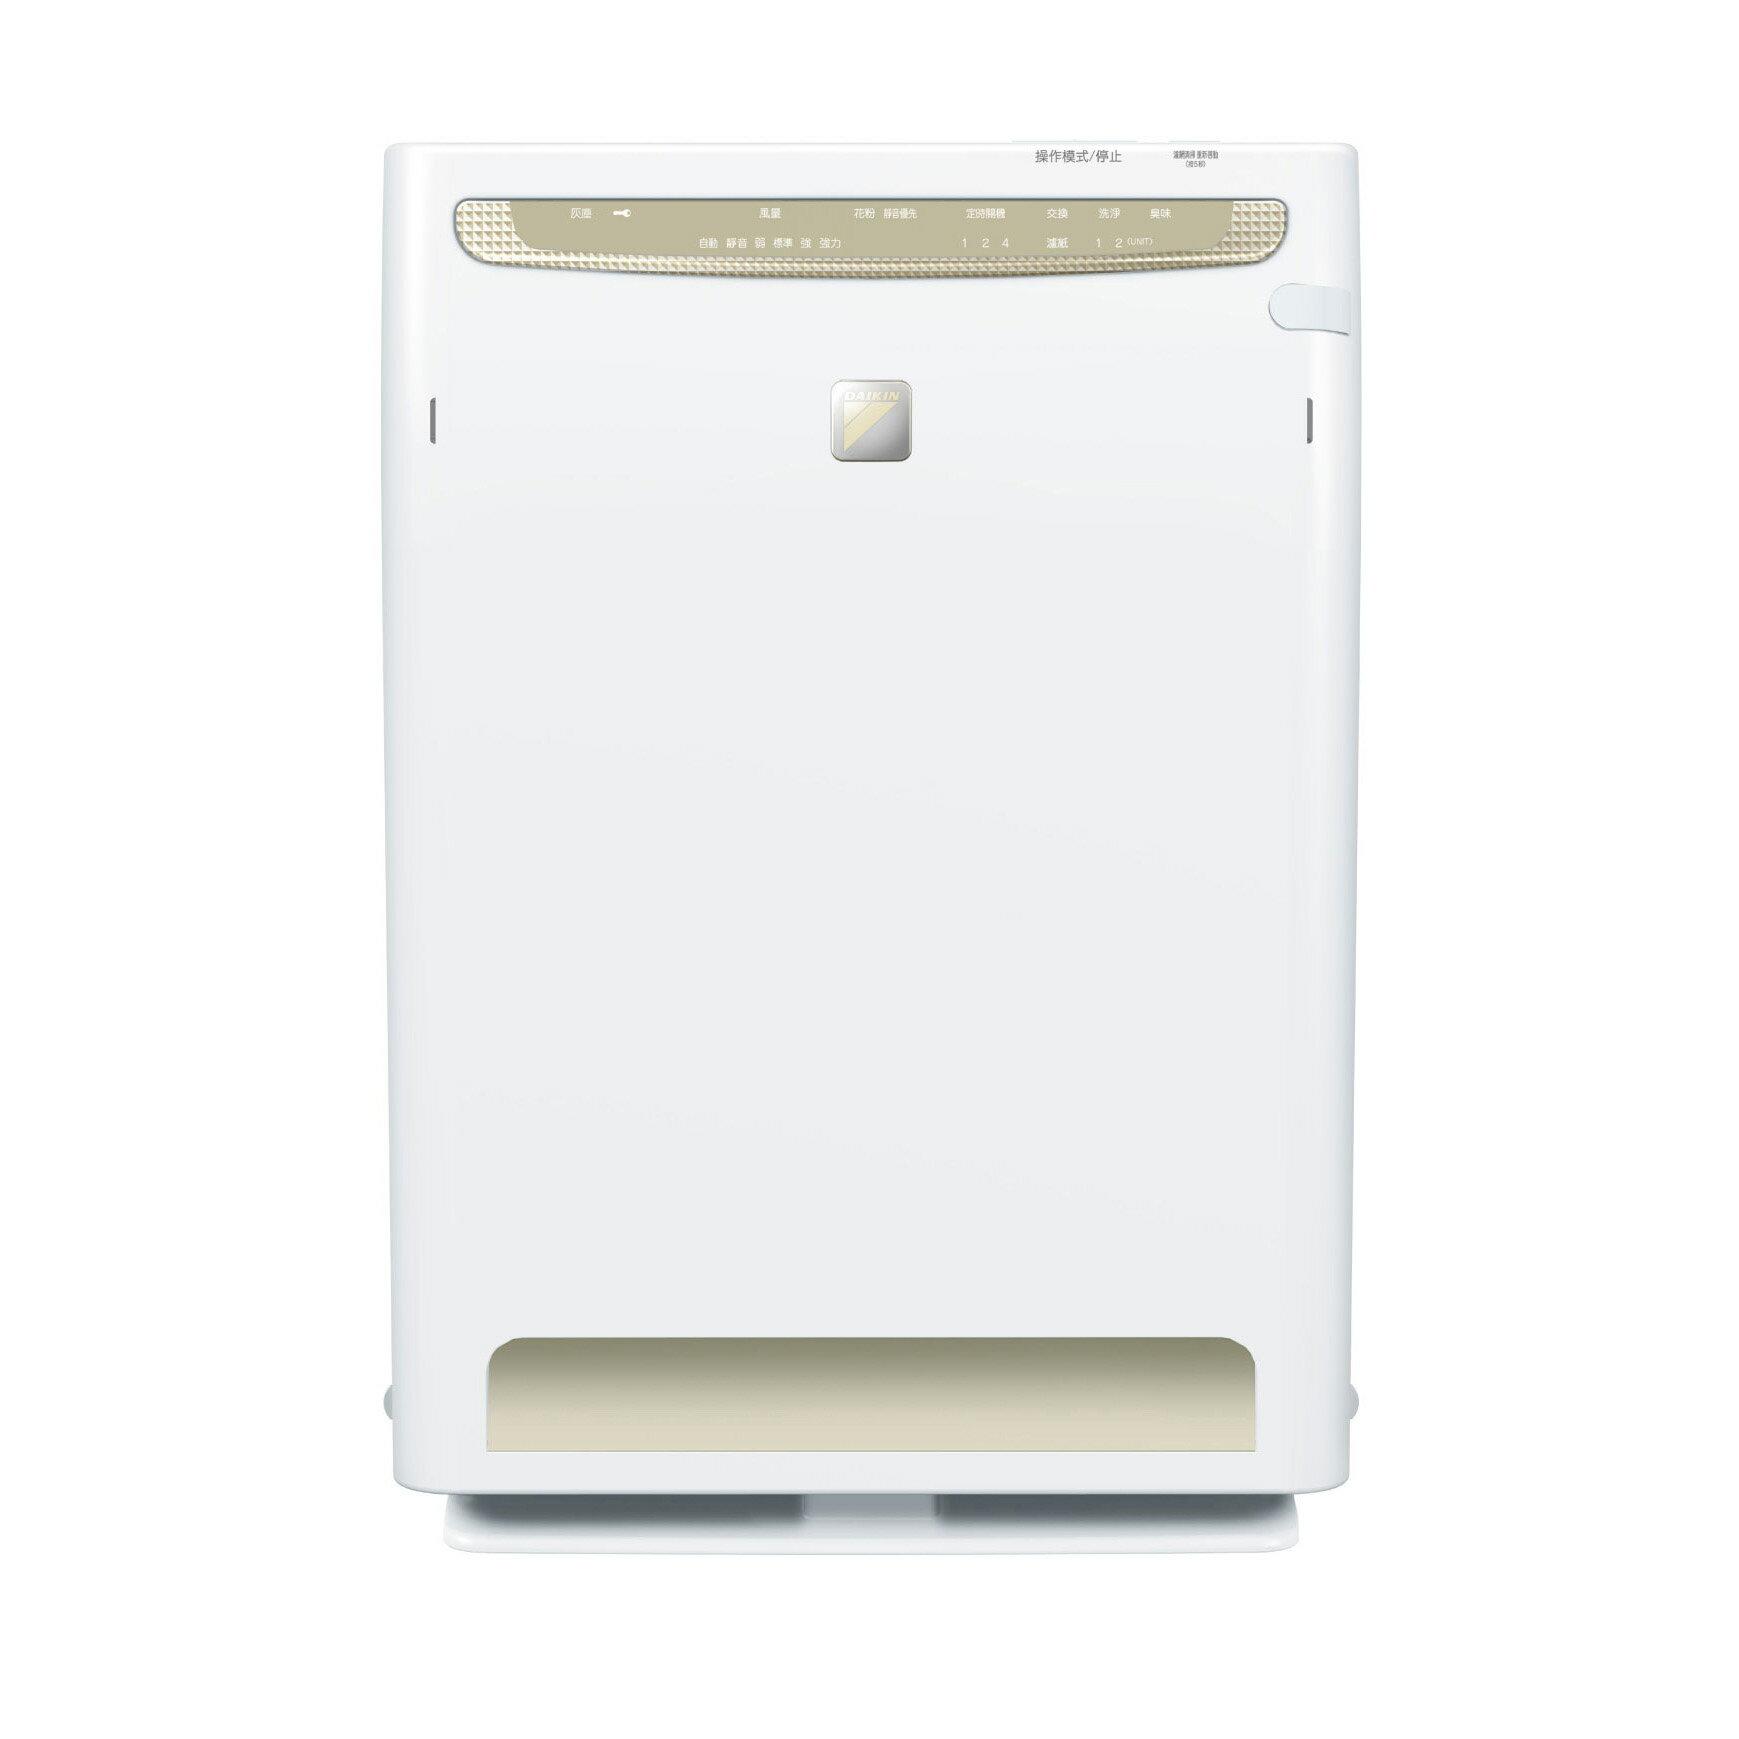 大金 DAIKIN 光觸媒閃流除臭觸媒空氣清靜機 MC-80LSC